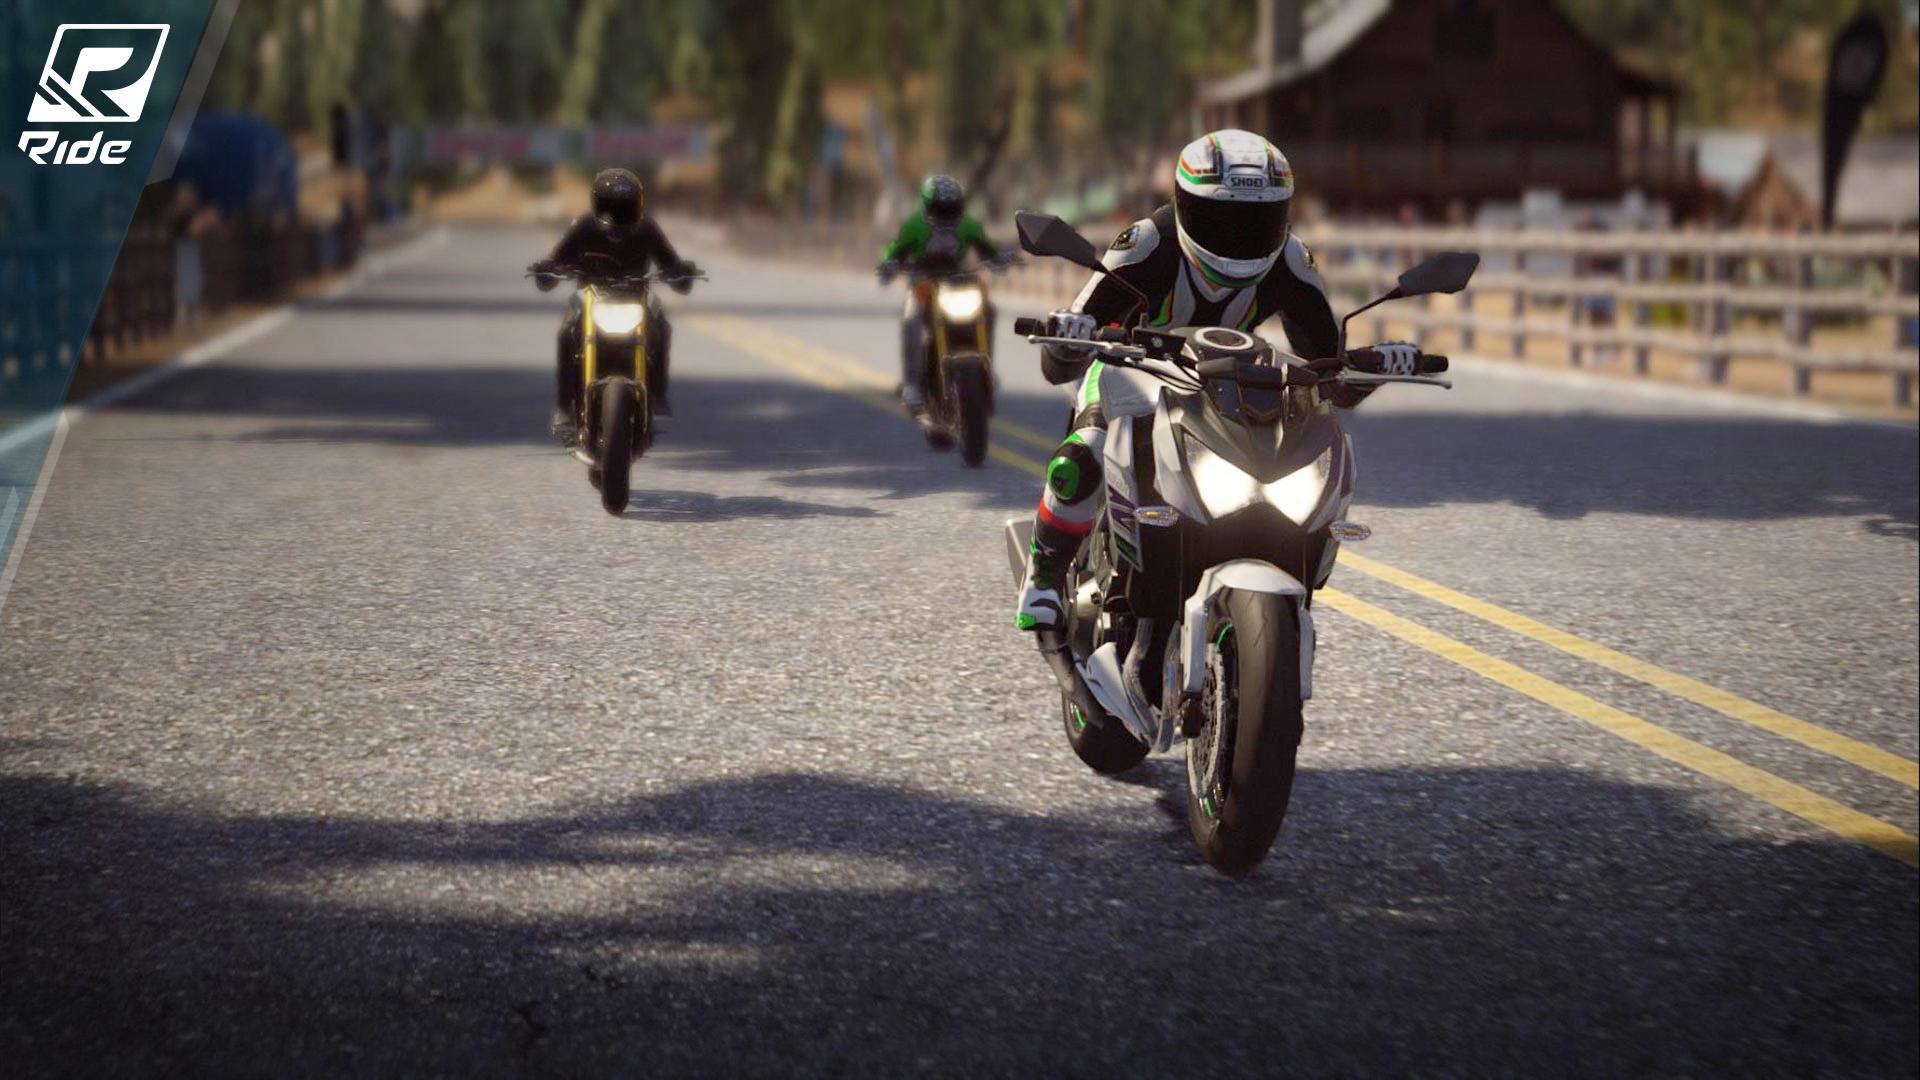 RIDE - 2015 Top Bikes Pack 2 screenshot